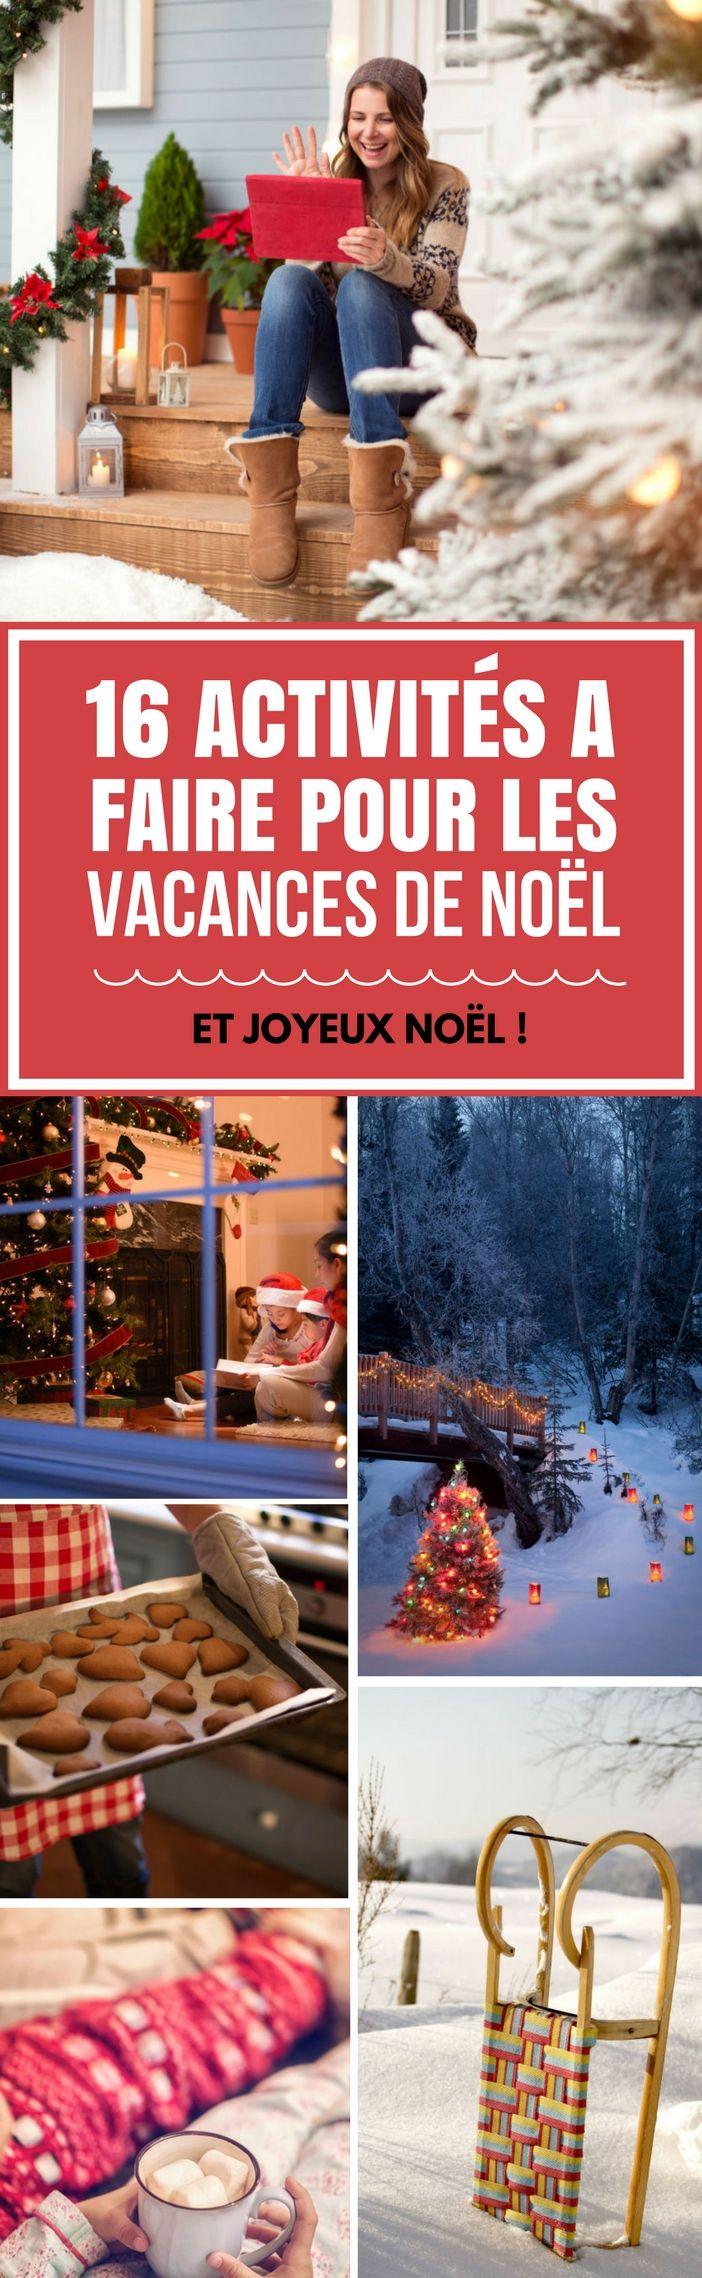 16 ACTIVITÉS IMPORTANTES A FAIRE POUR LES VACANCES DE NOËL. #noël #noël2017 #acivitésdenoël #vacances #joyeuxnoel